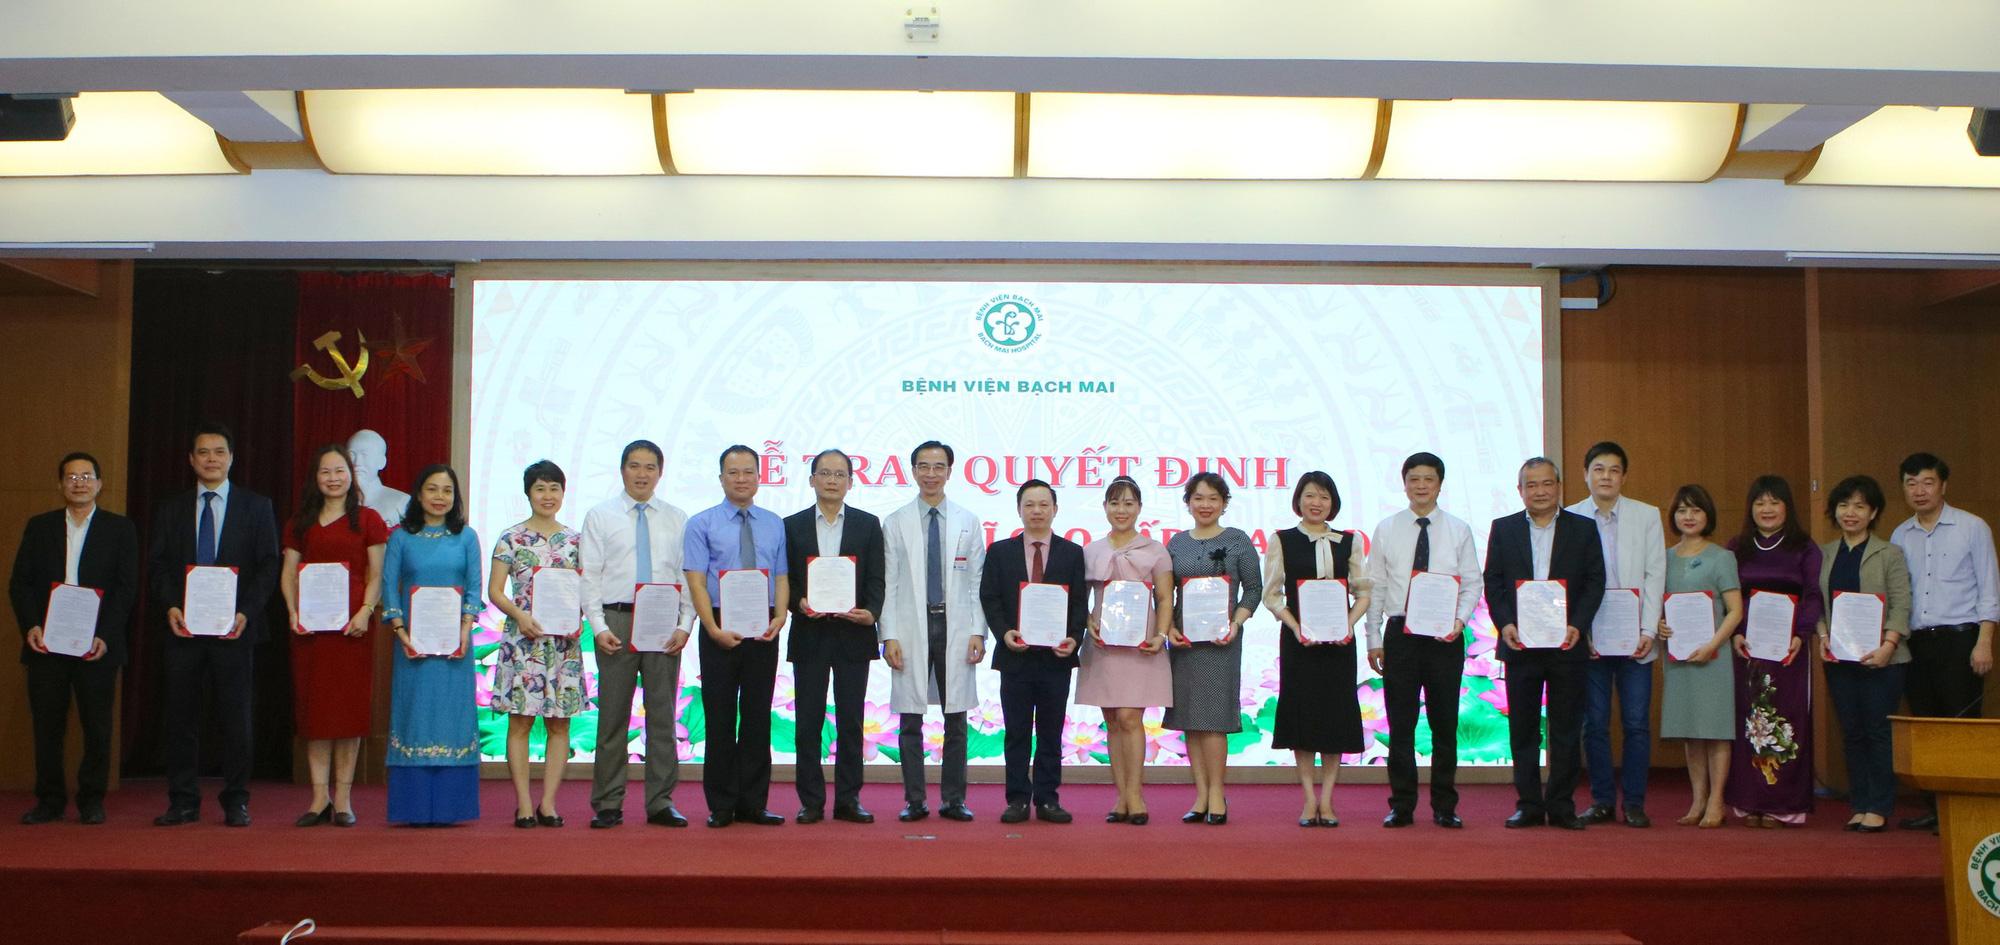 Giám đốc Bệnh viện Bạch Mai trao bổ nhiệm bác sĩ cao cấp cho 19 người - Ảnh 3.